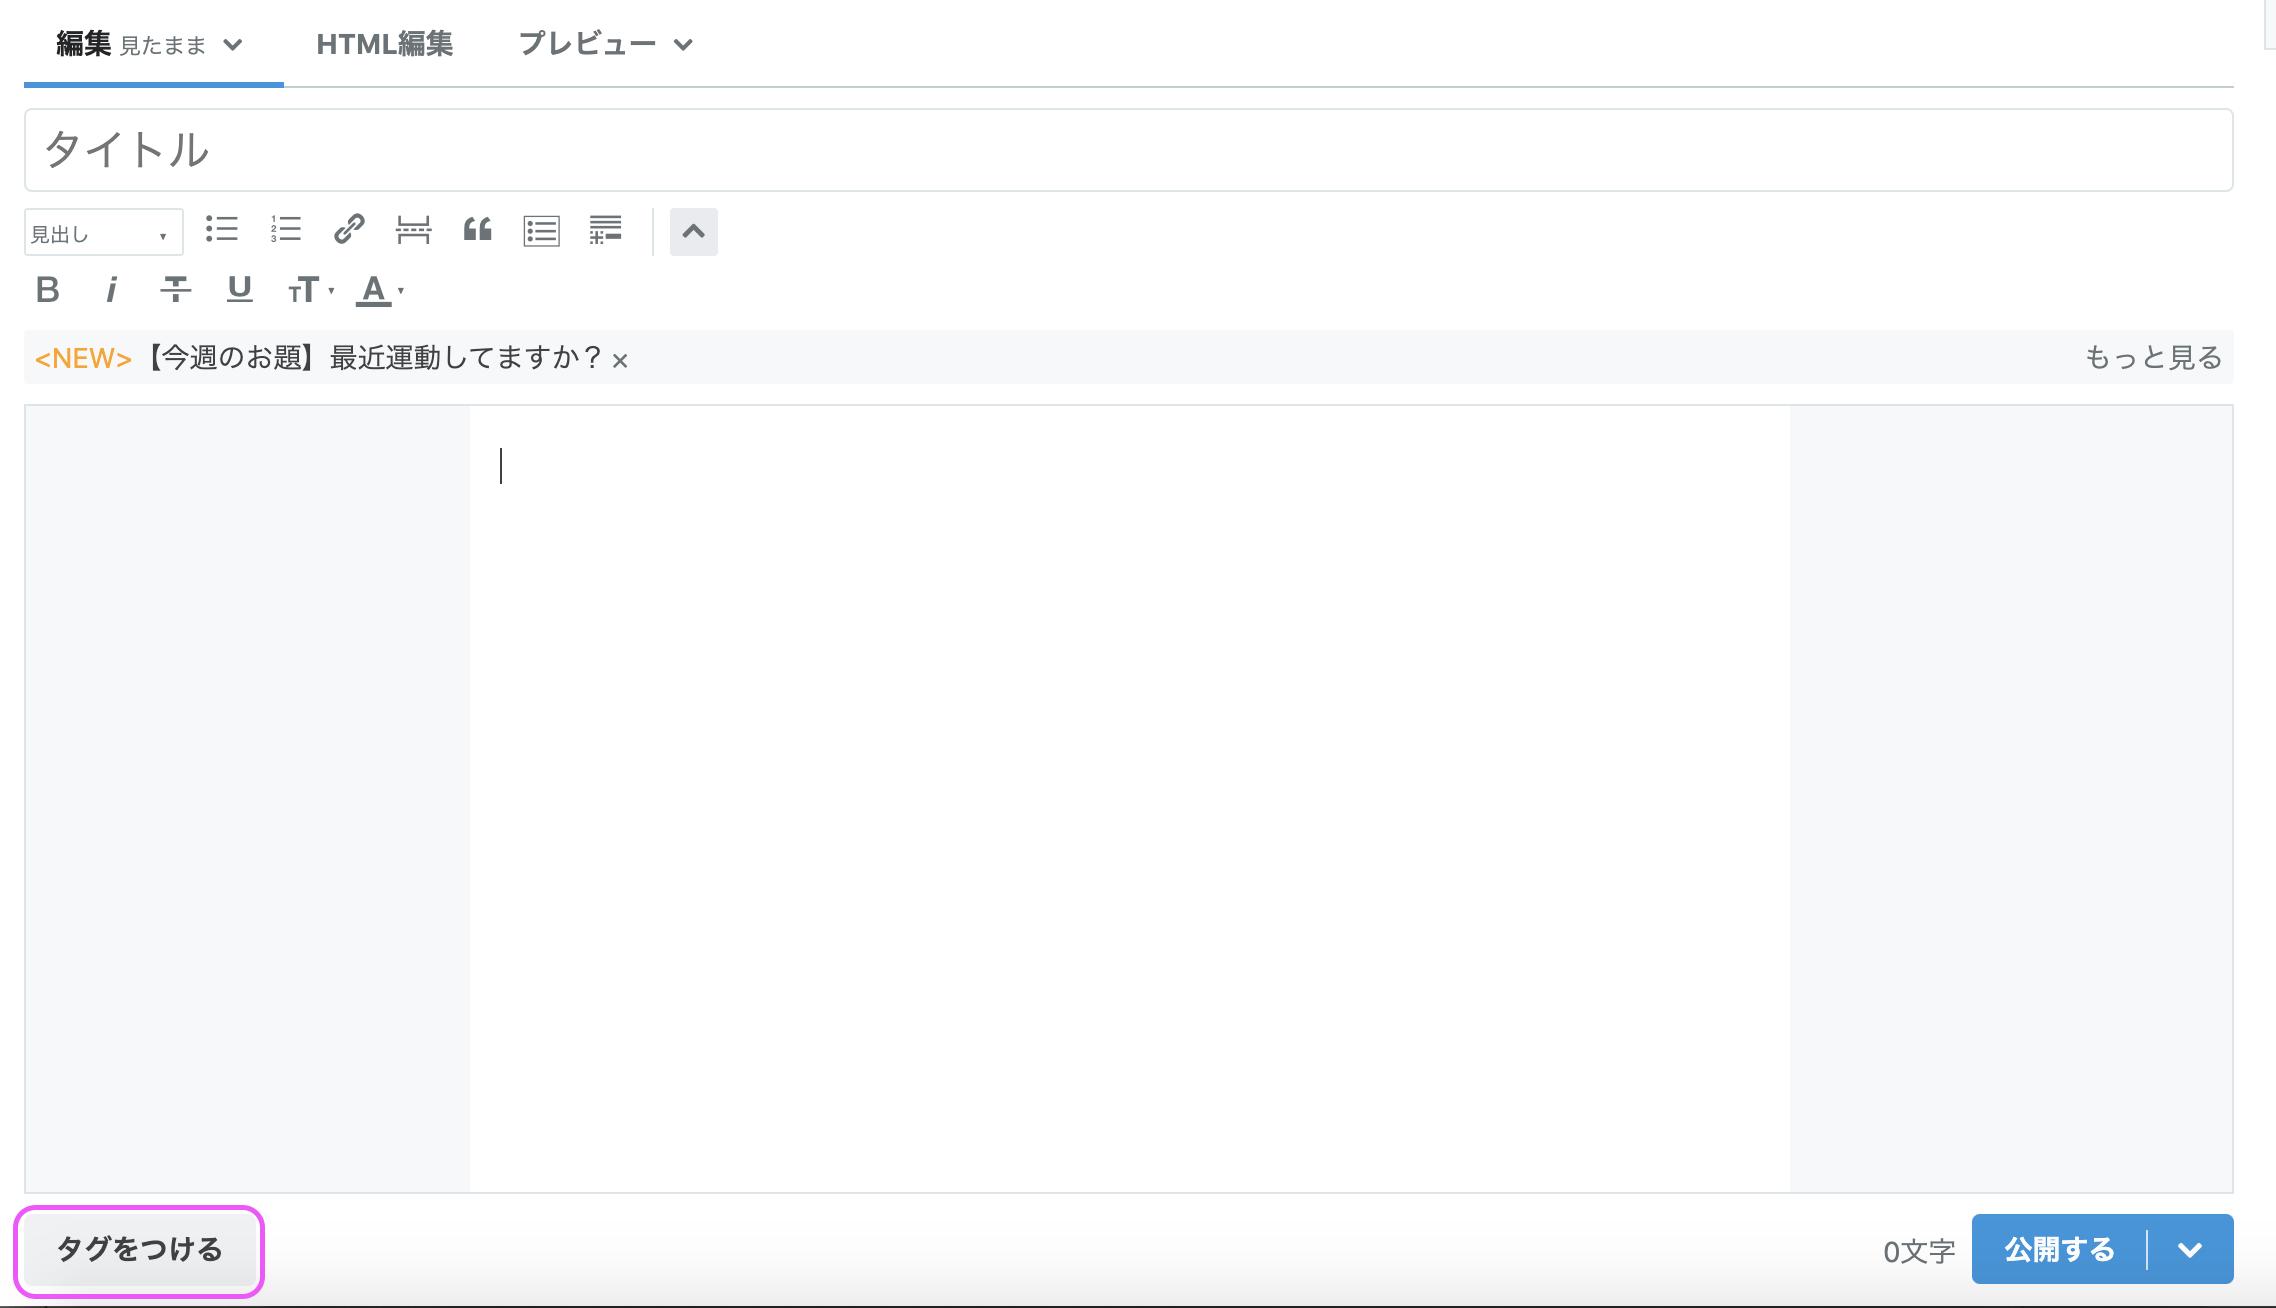 記事編集画面スクリーンショット